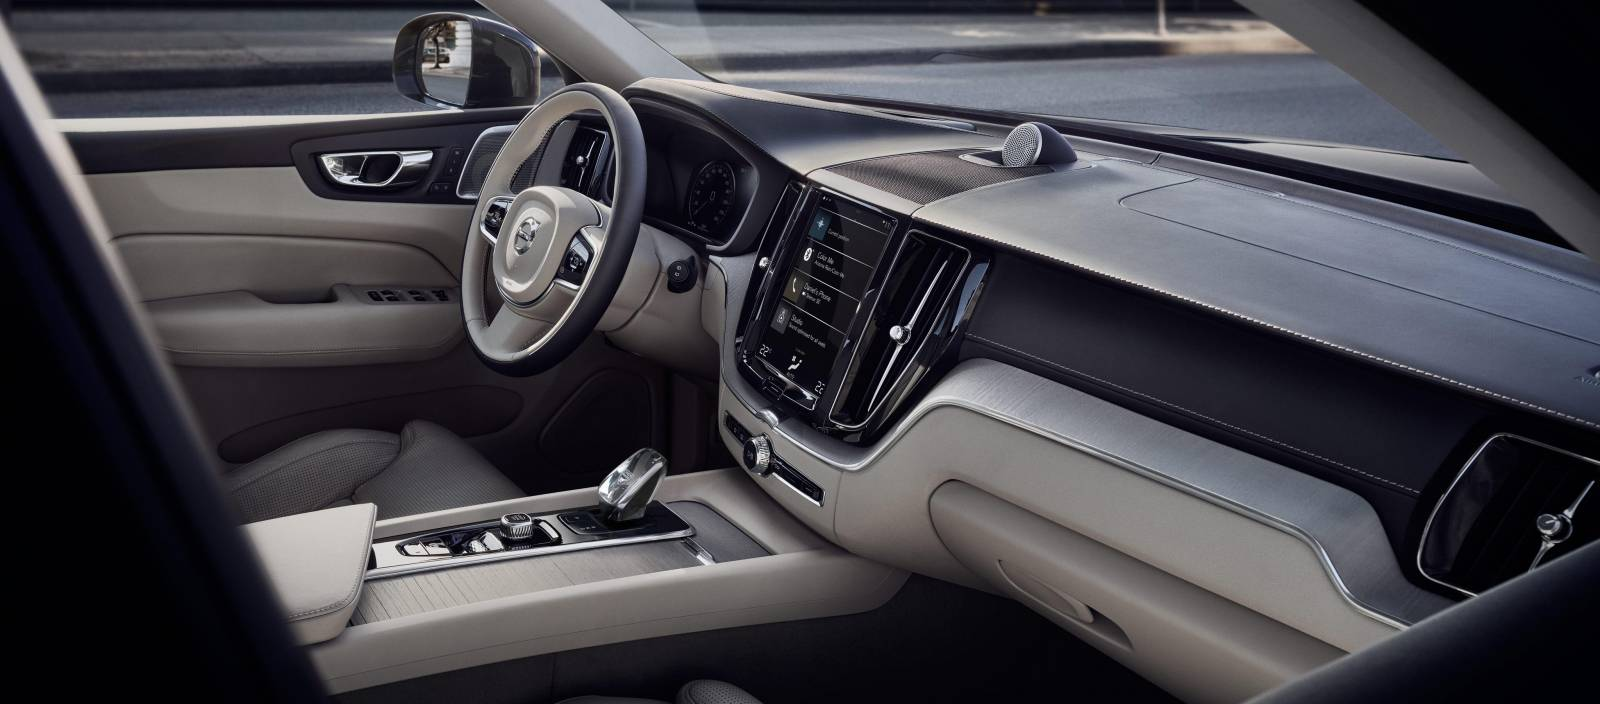 Volvo XC60 interiér